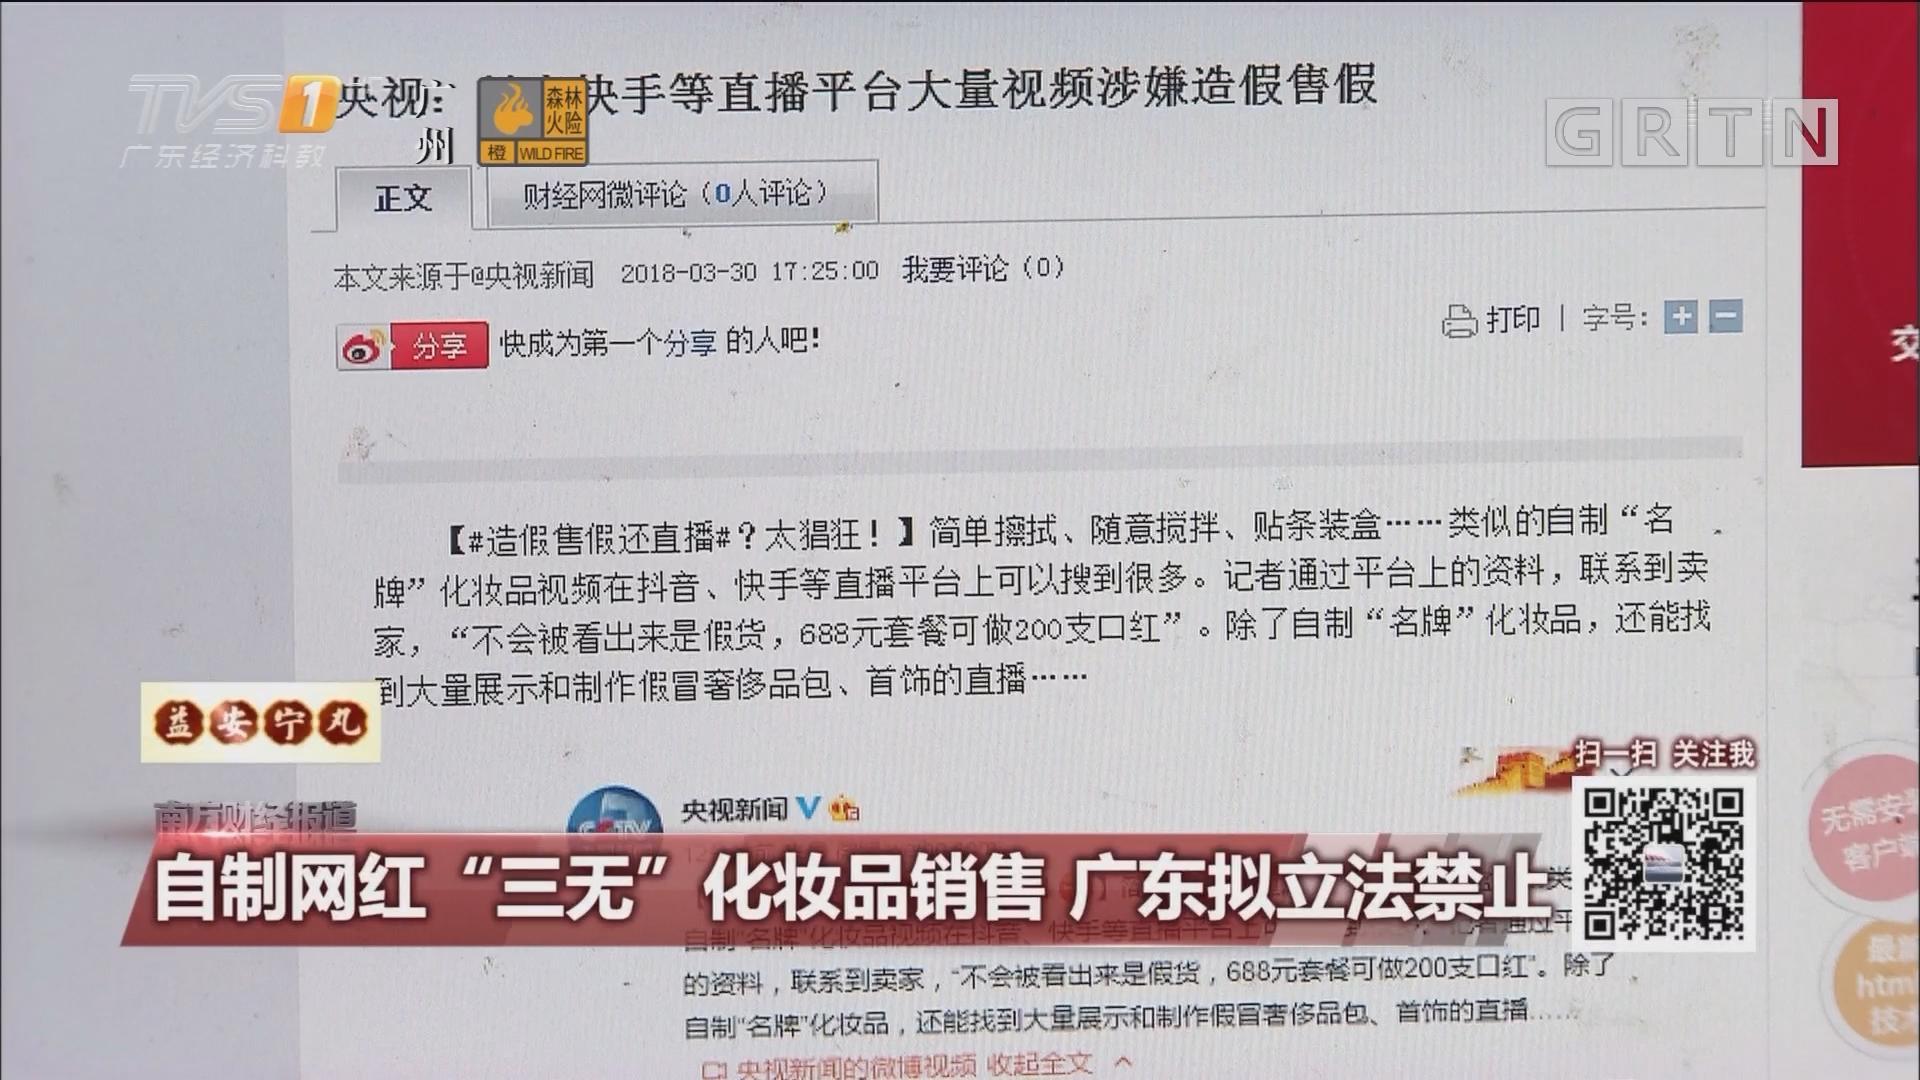 """自制网红""""三无""""化妆品销售 广东拟立法禁止"""